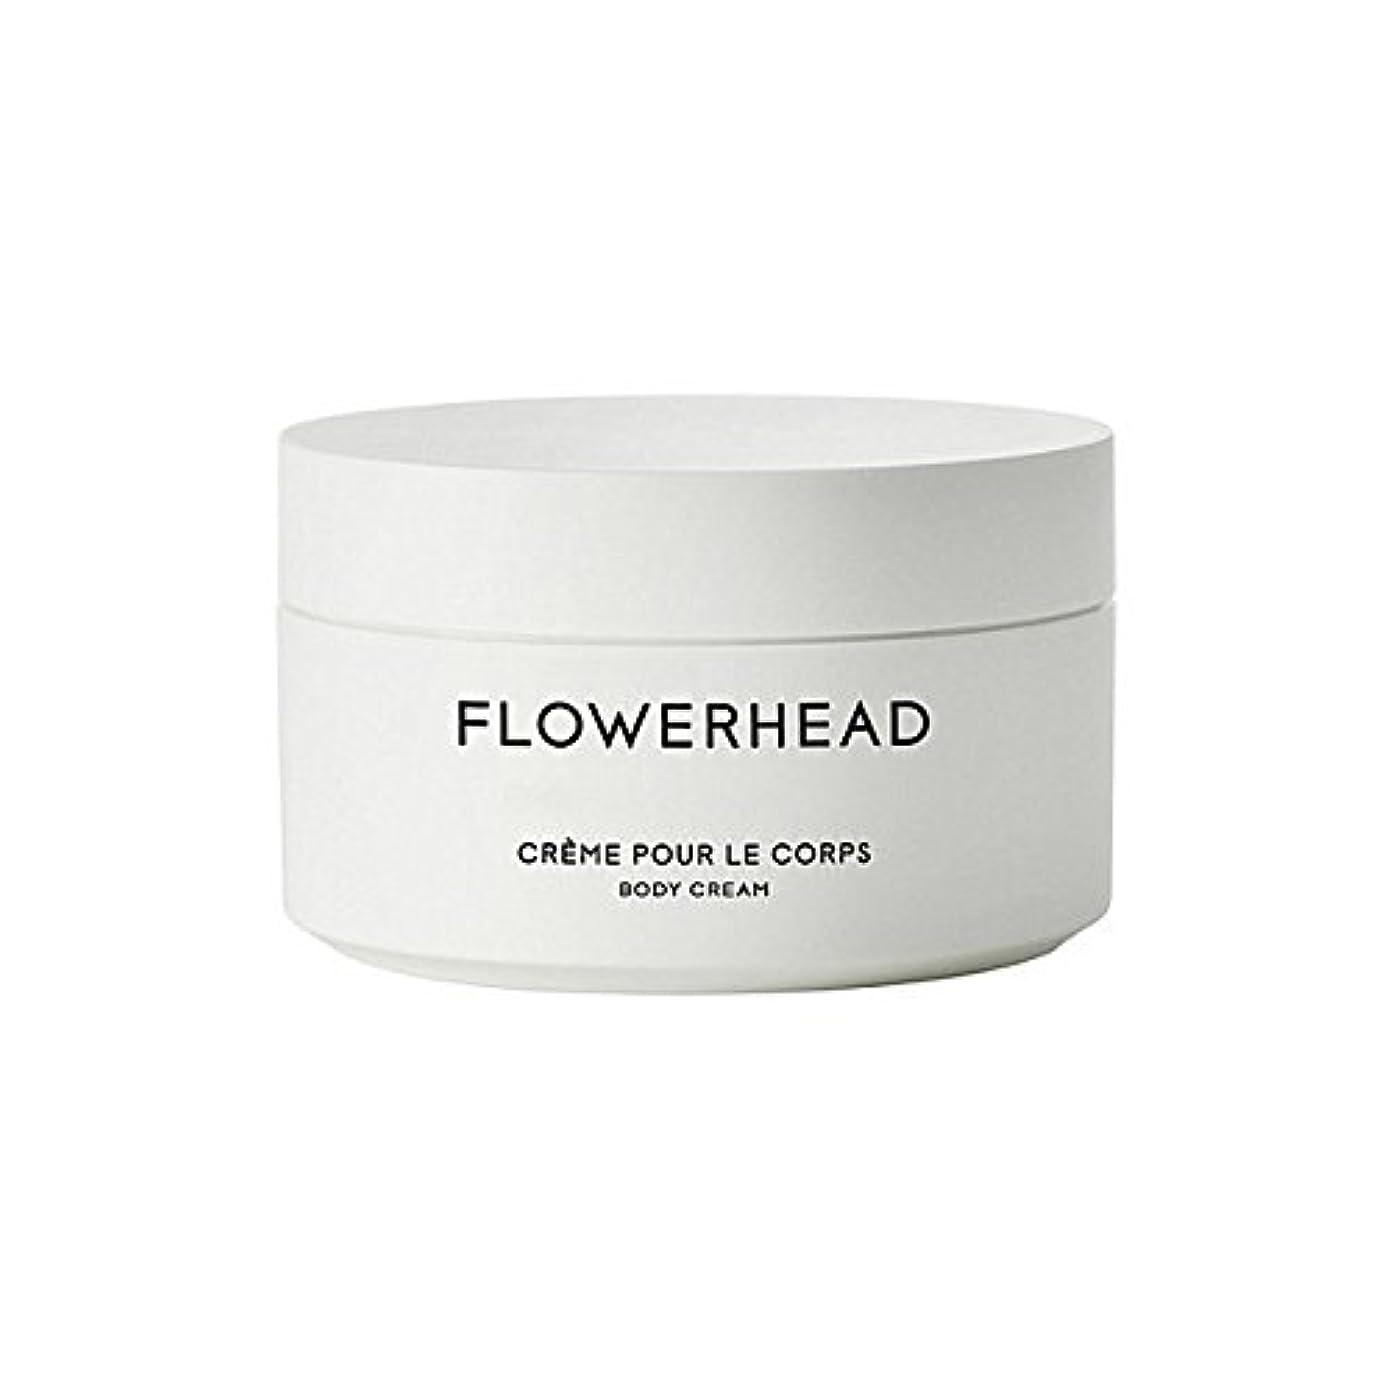 ピラミッドどこにも議題ボディクリーム200ミリリットル x2 - Byredo Flowerhead Body Cream 200ml (Pack of 2) [並行輸入品]